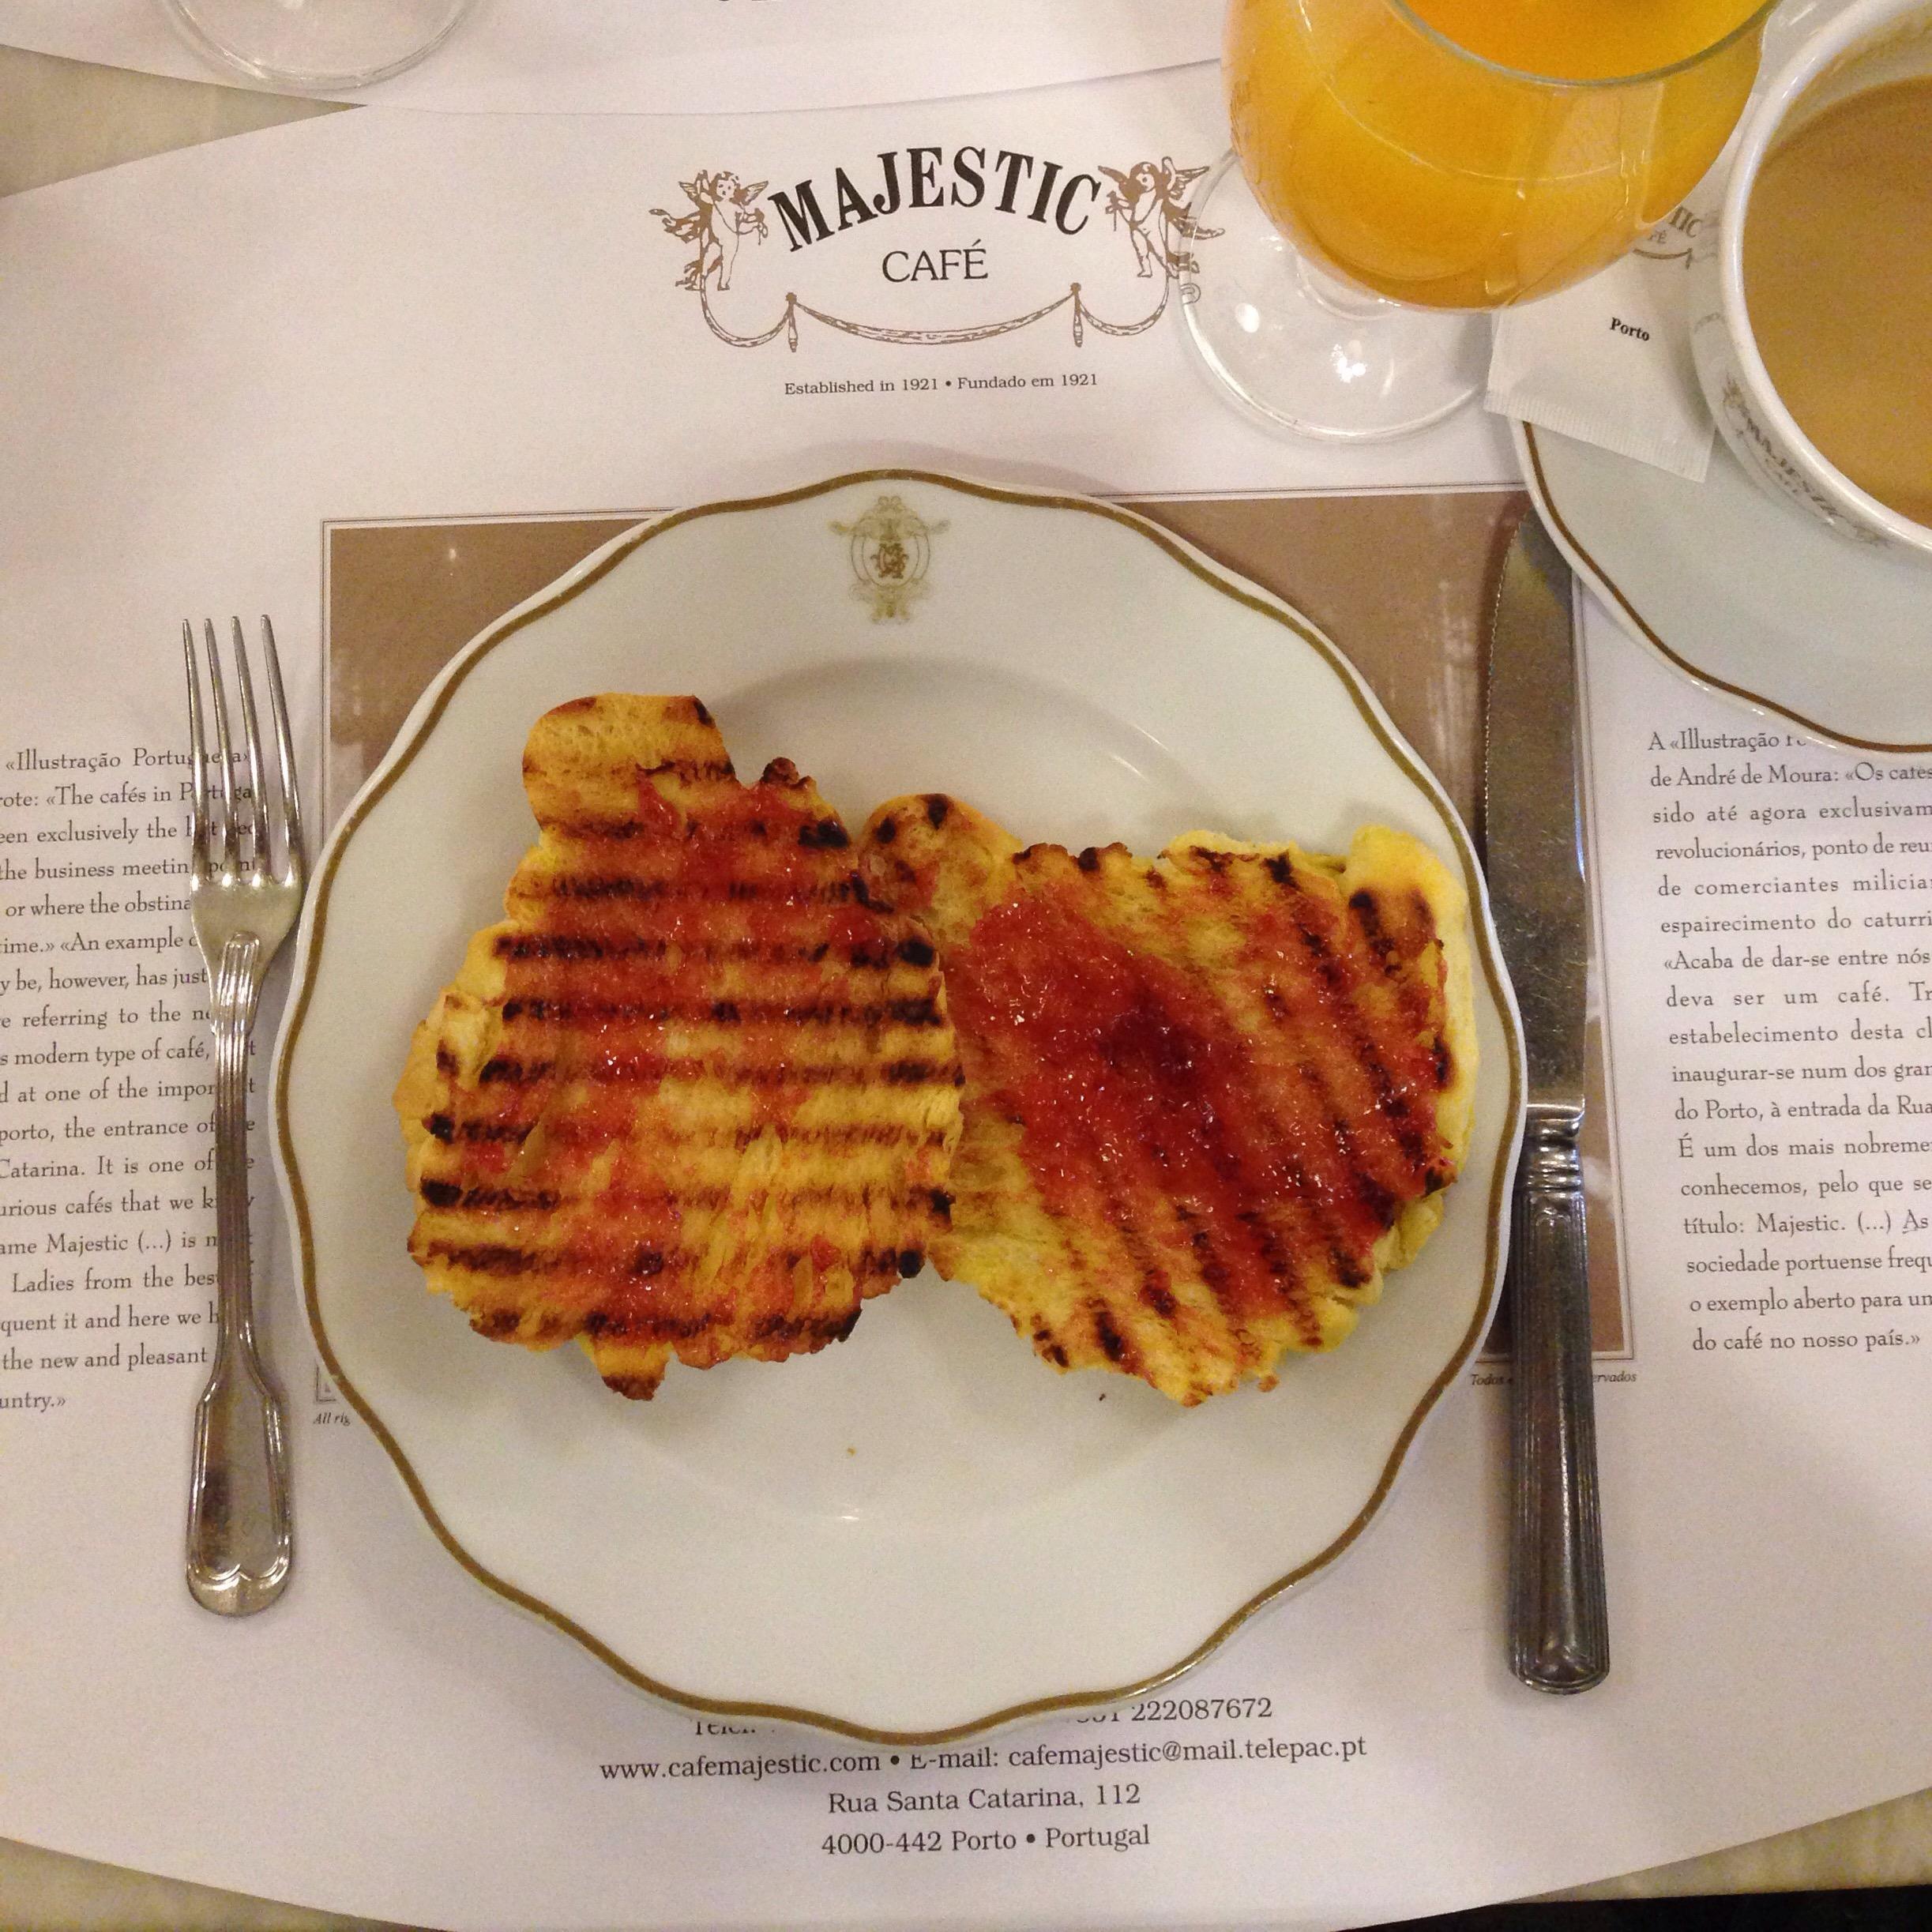 Cafe Majestic www.diewunderbarewelt.com